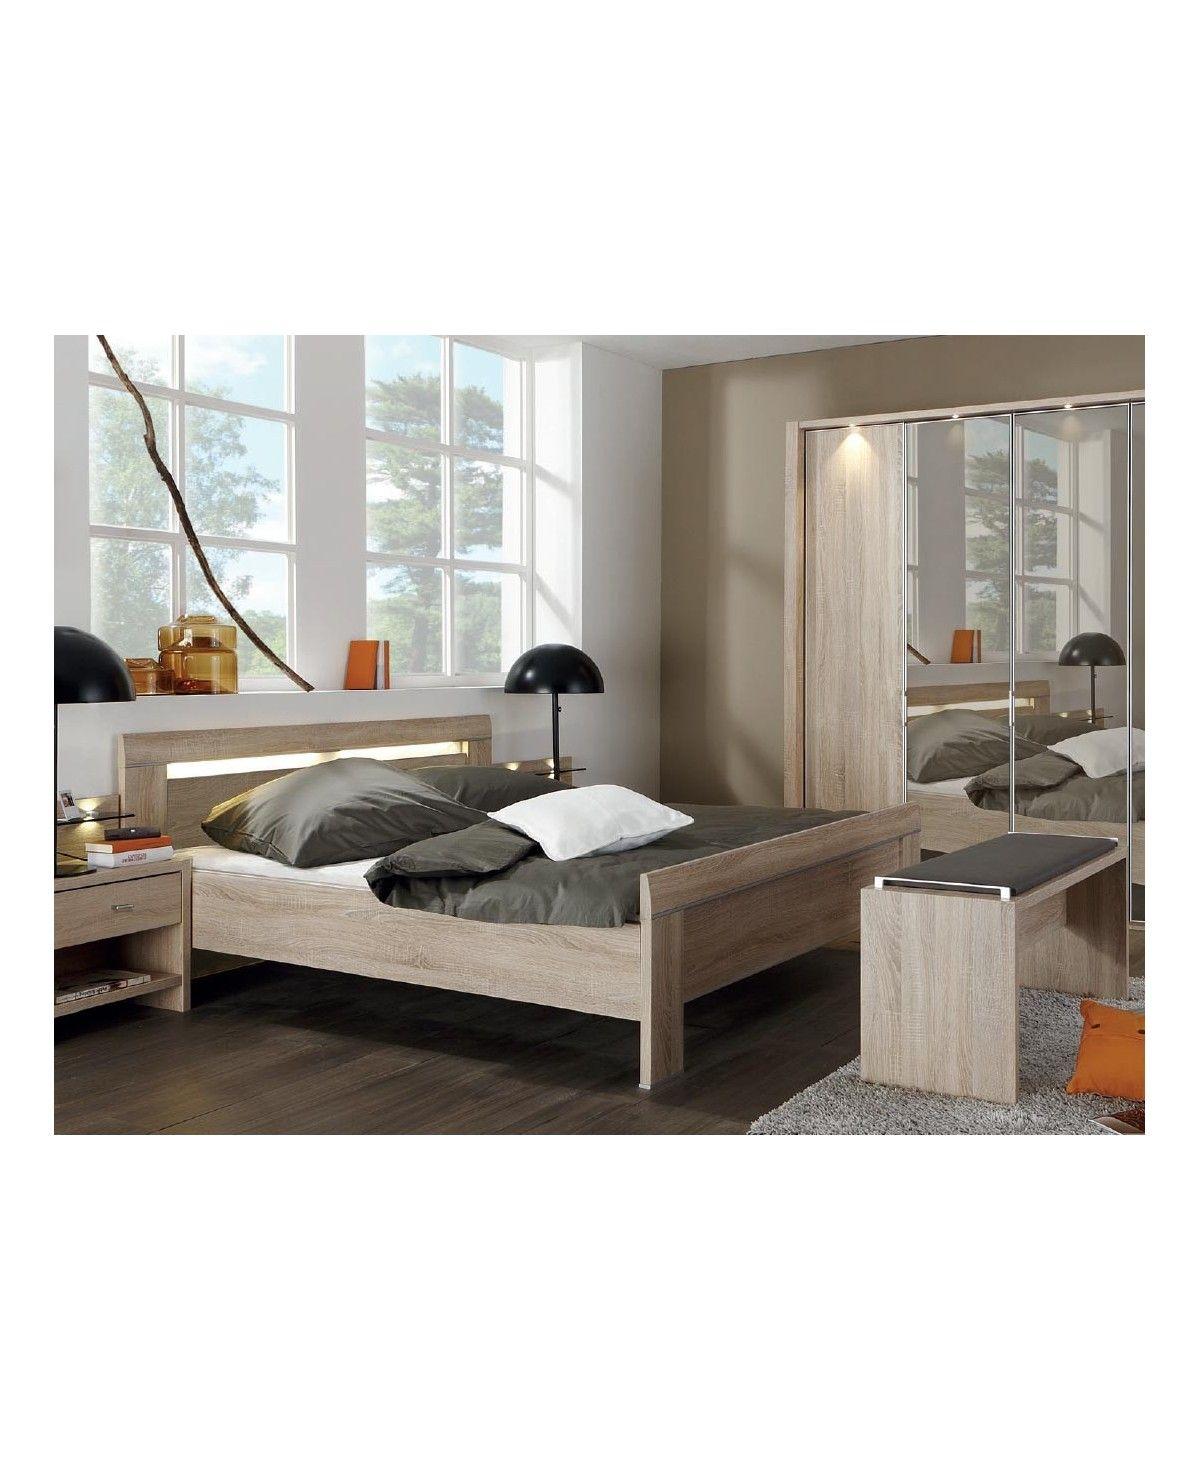 WIEMANN Schlafzimmer Donna Eiche Nachbildung Spiegelschrank 180x200